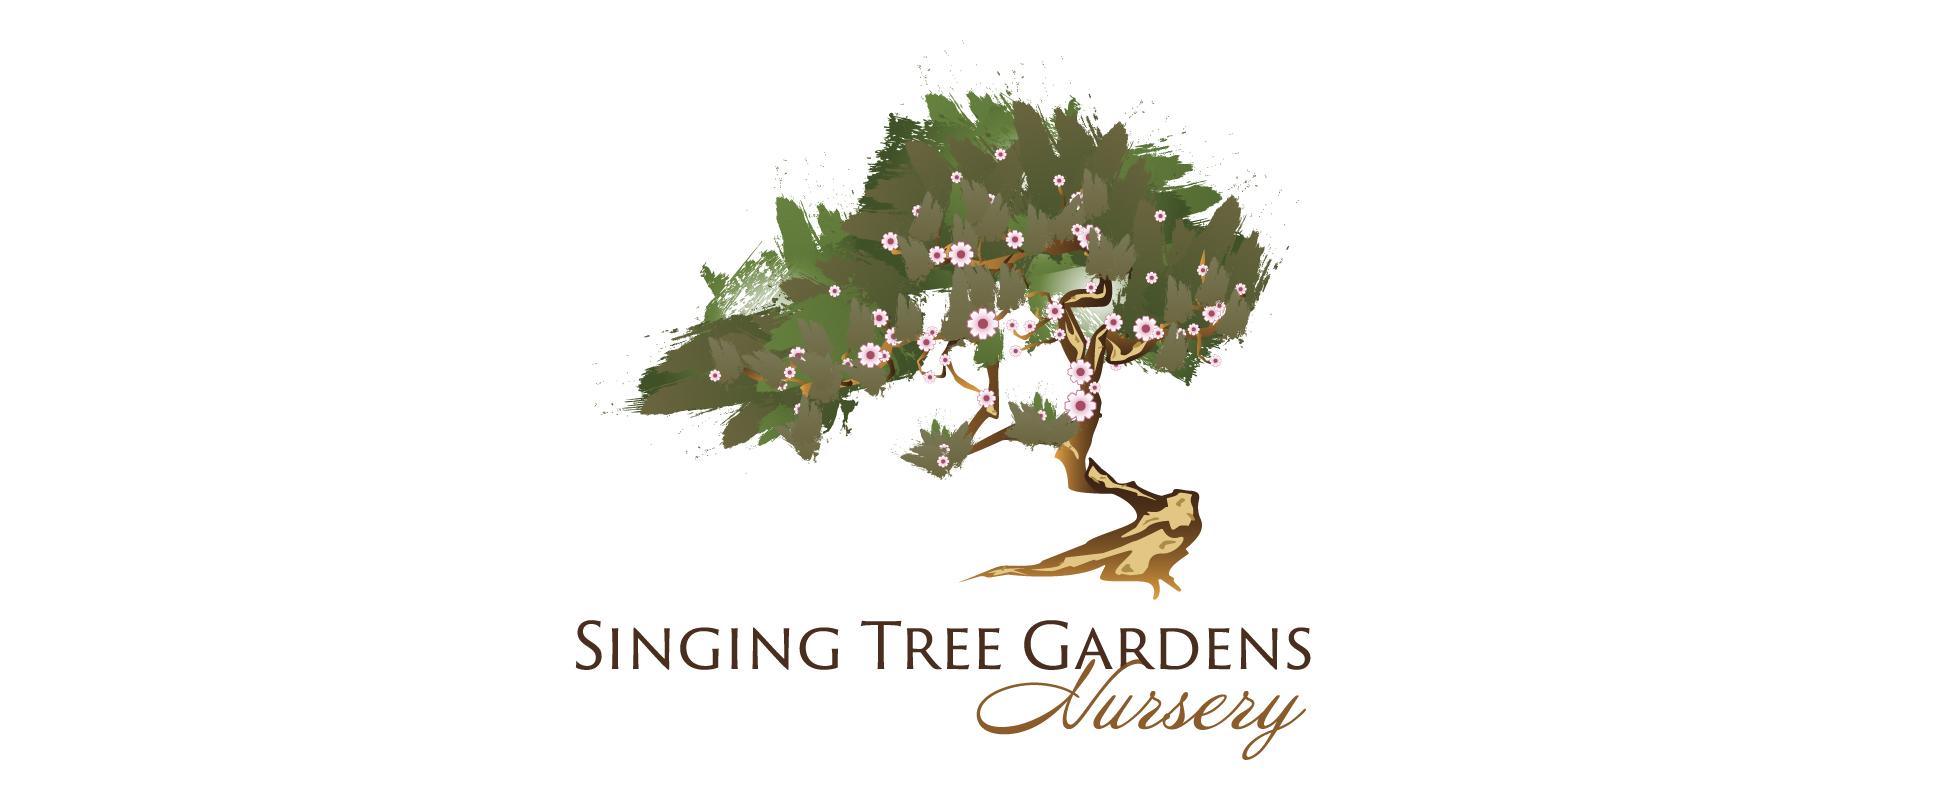 Image showcasing Singing Tree Gardens Logo